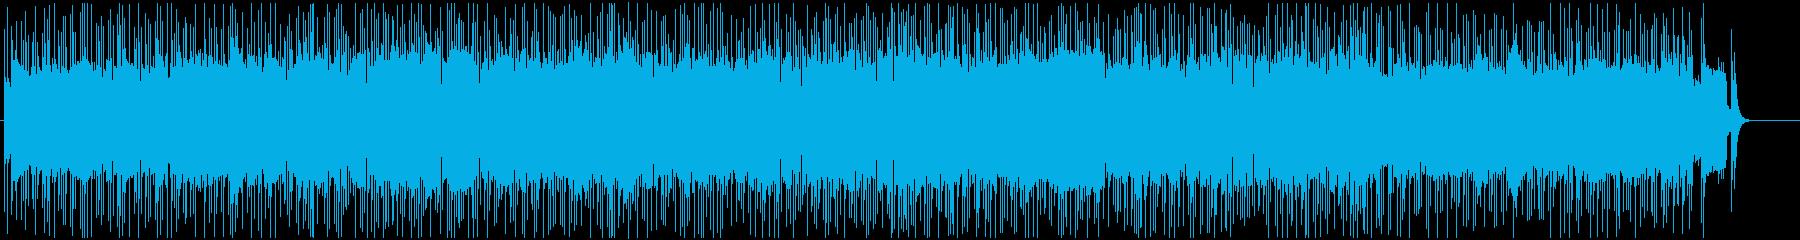 熱く燃えたぎるような疾走感のハードロックの再生済みの波形